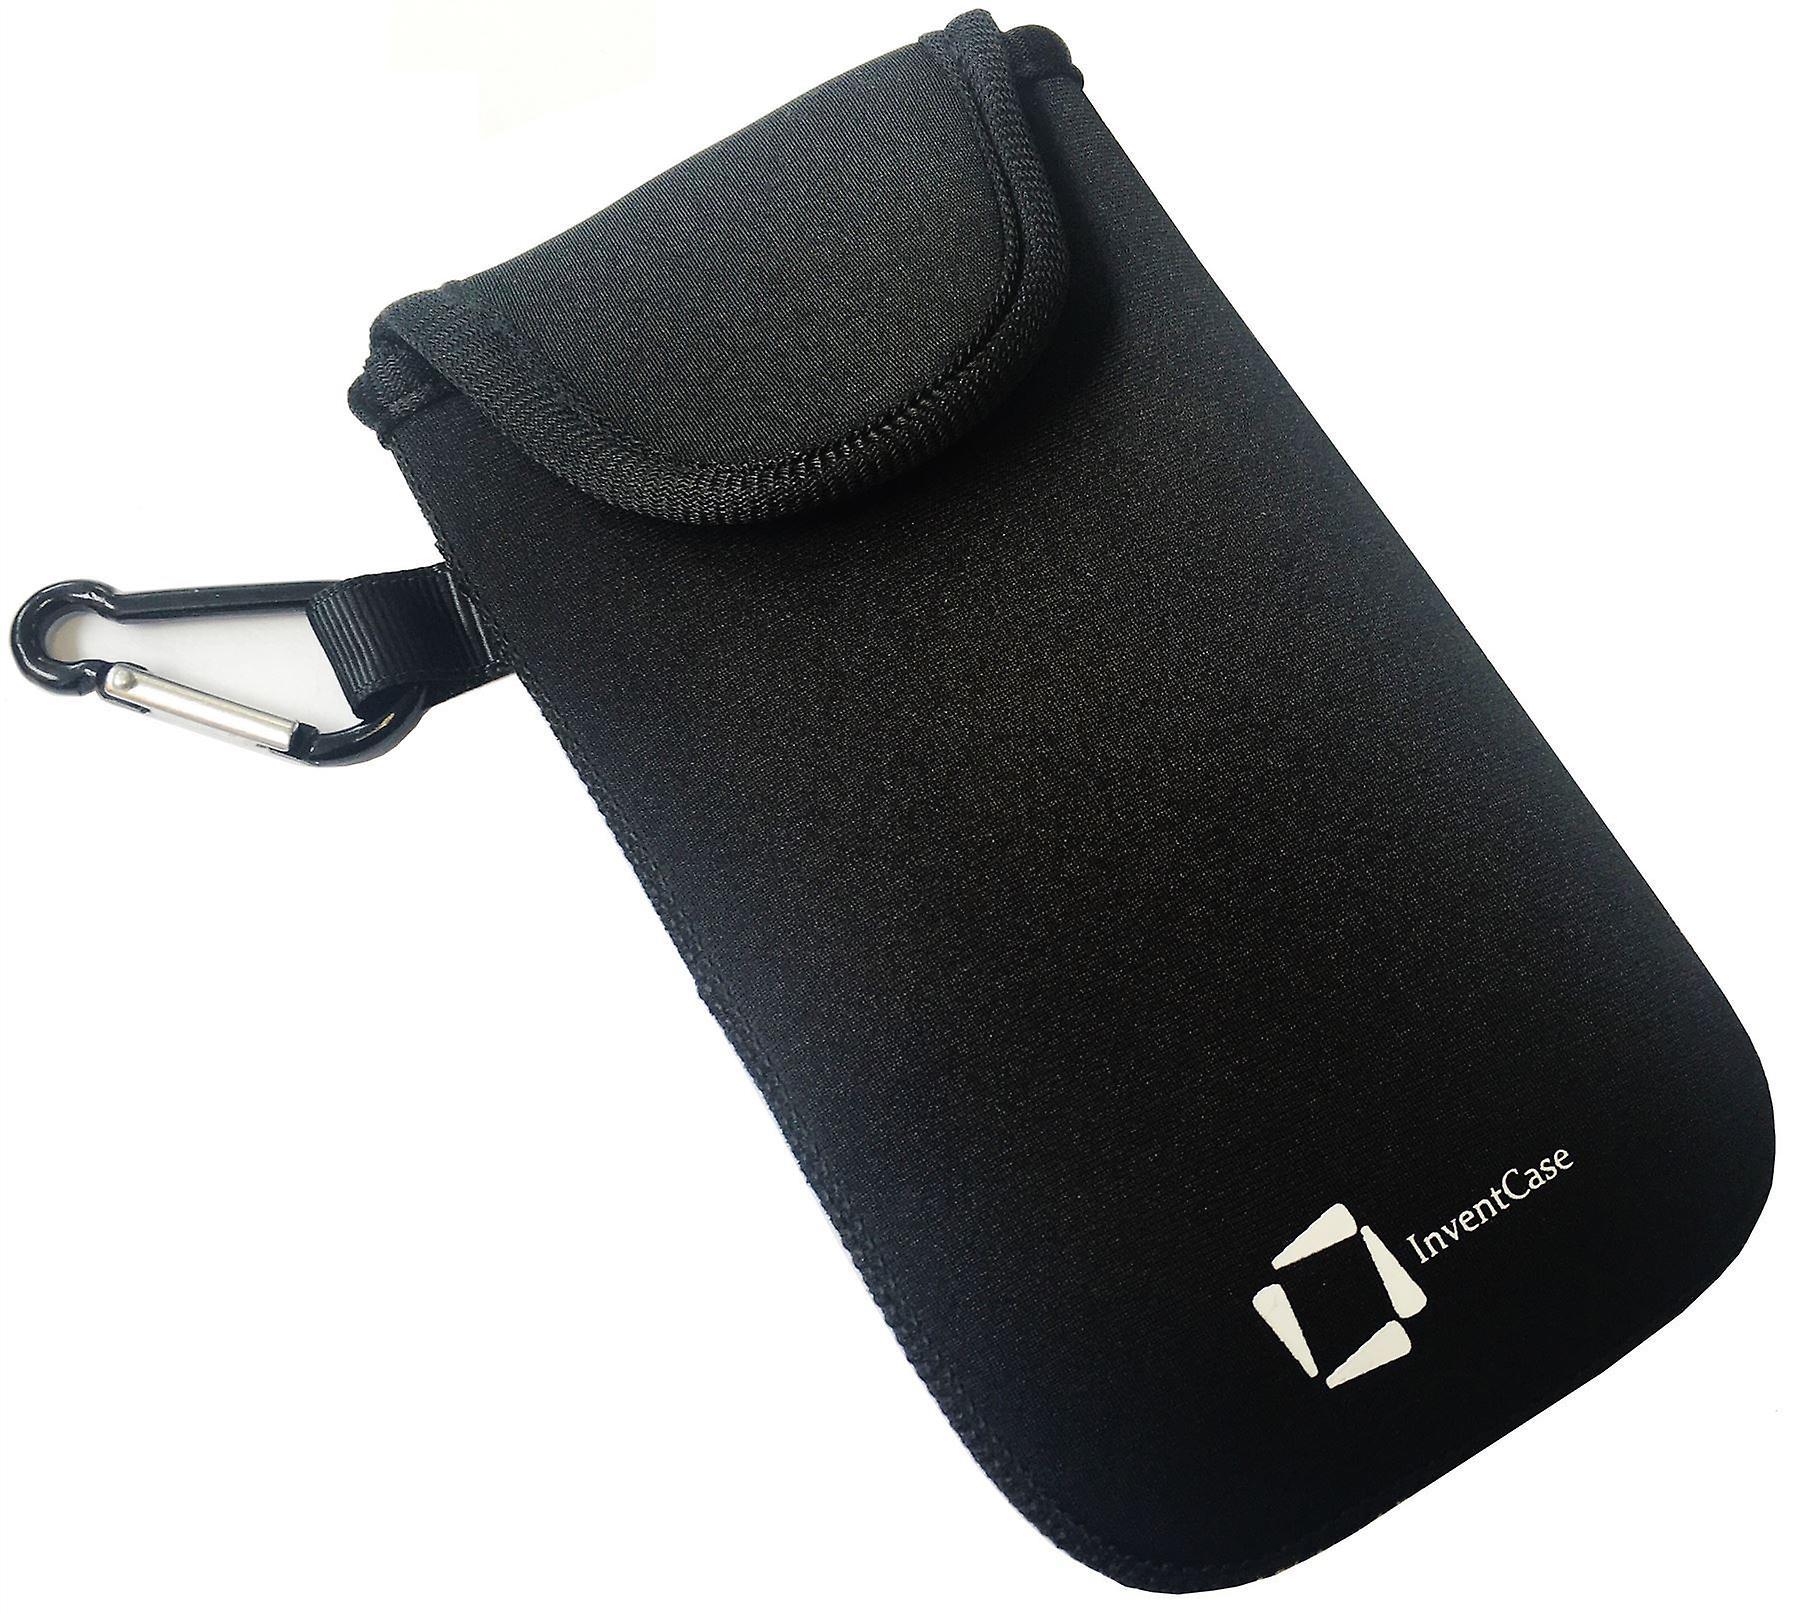 حقيبة تغطية القضية الحقيبة واقية مقاومة لتأثير النيوبرين إينفينتكاسي مع إغلاق Velcro و Carabiner الألومنيوم لليزر أسوس زينفوني 2-أسود